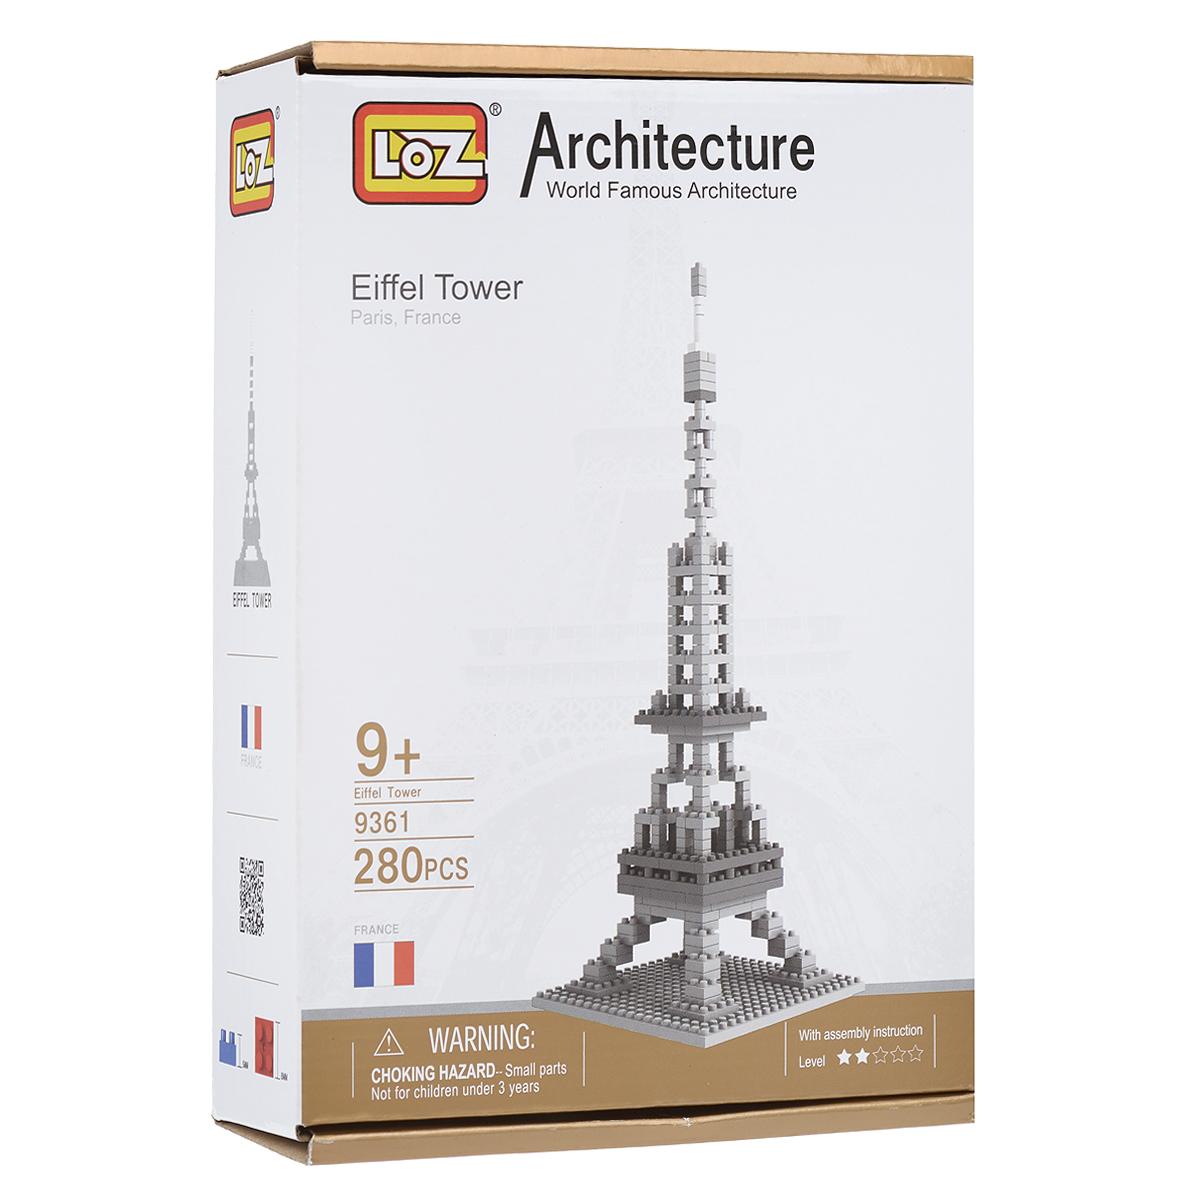 Эйфелева башня. Объемный 3D-пазл, 280 элементов